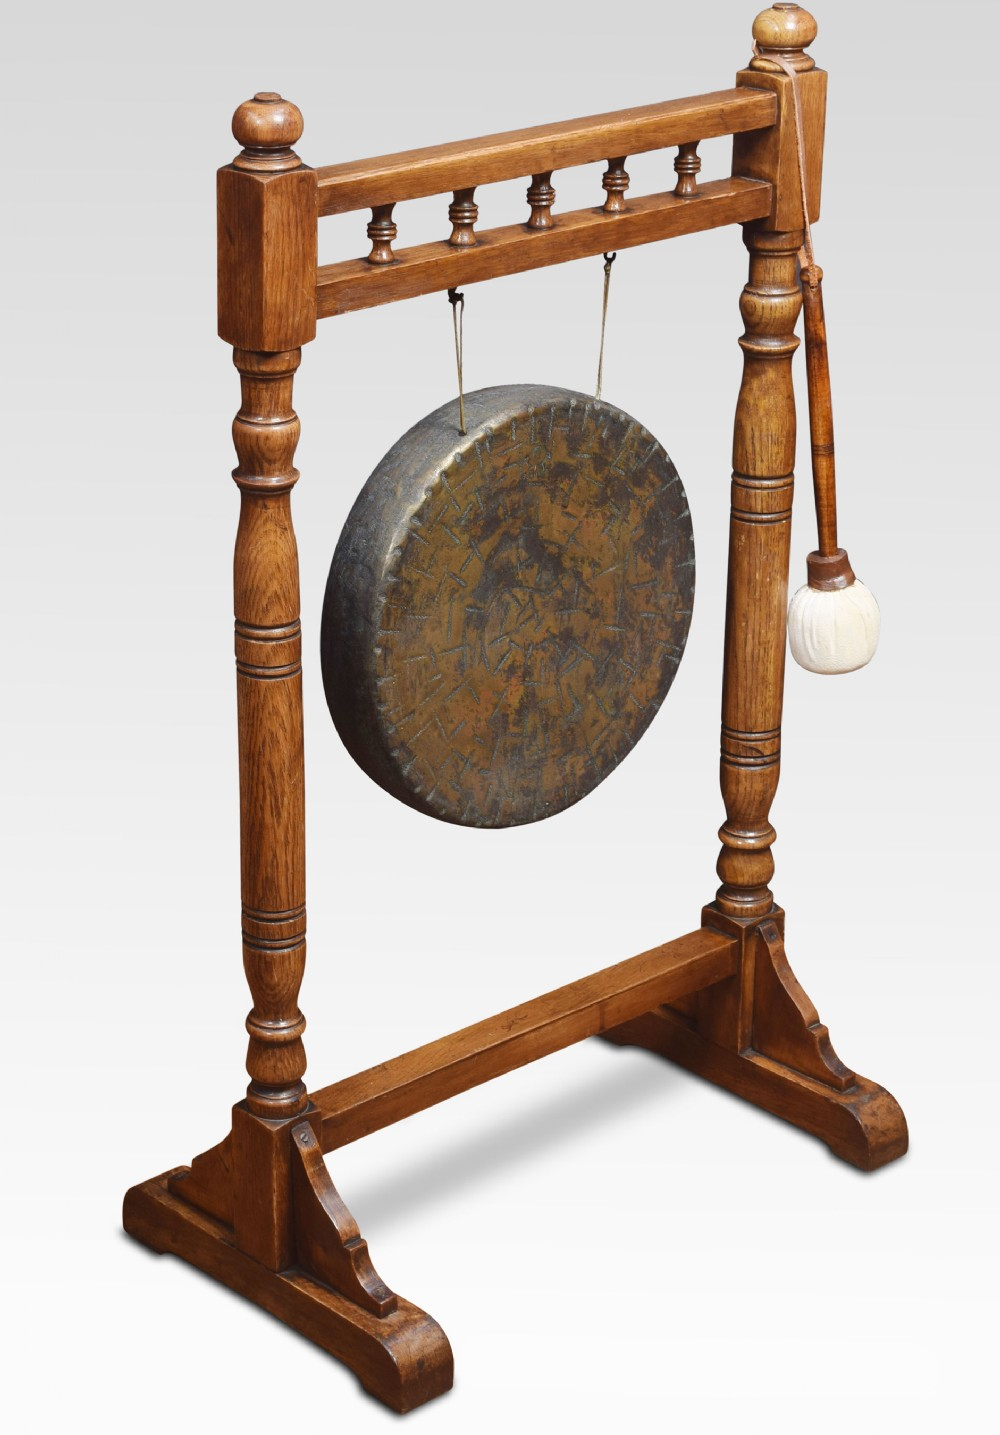 oak dinner gong